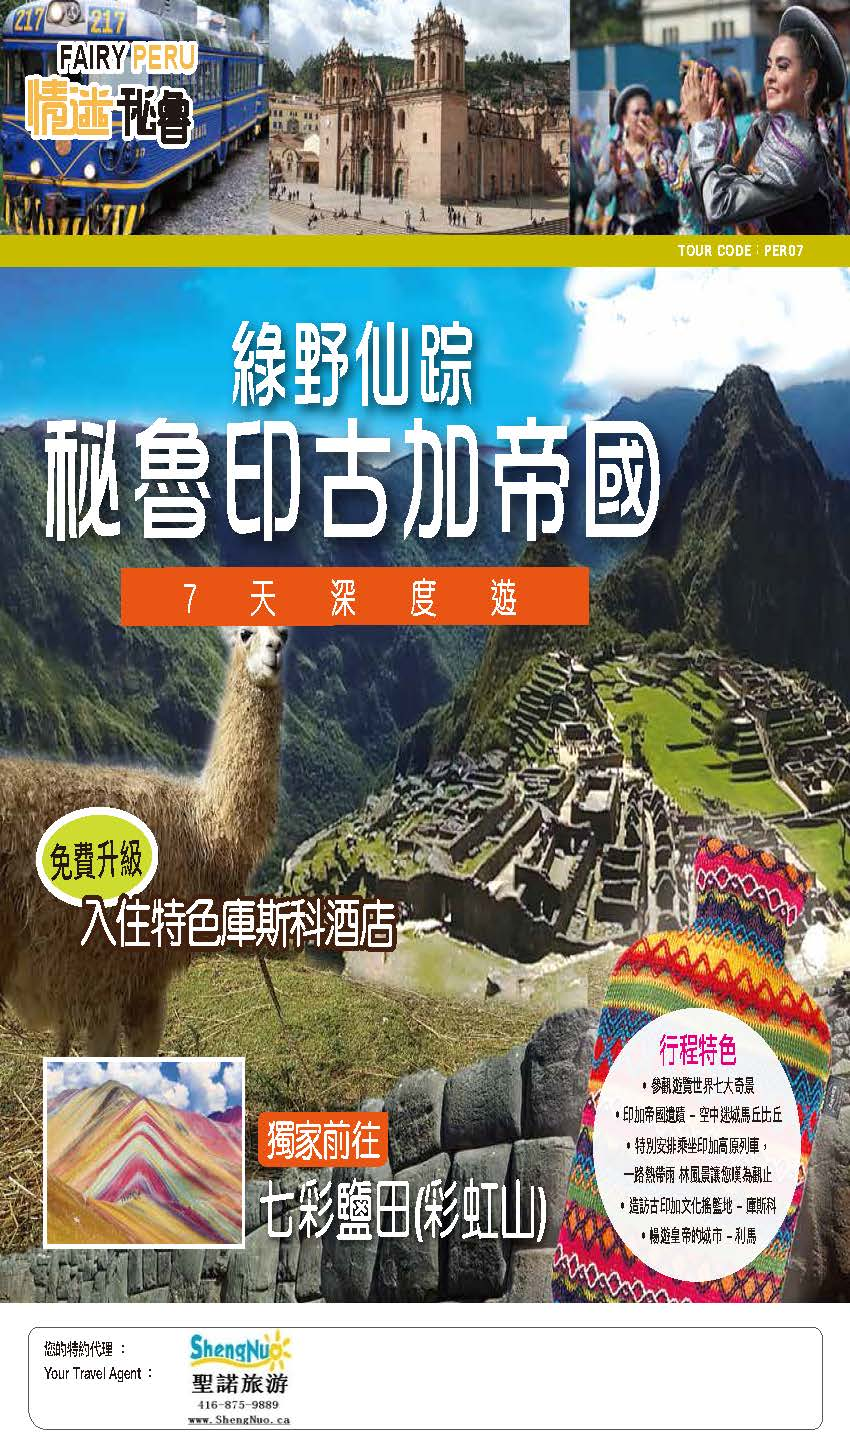 華人領隊 秘魯印古加帝國7日深度游